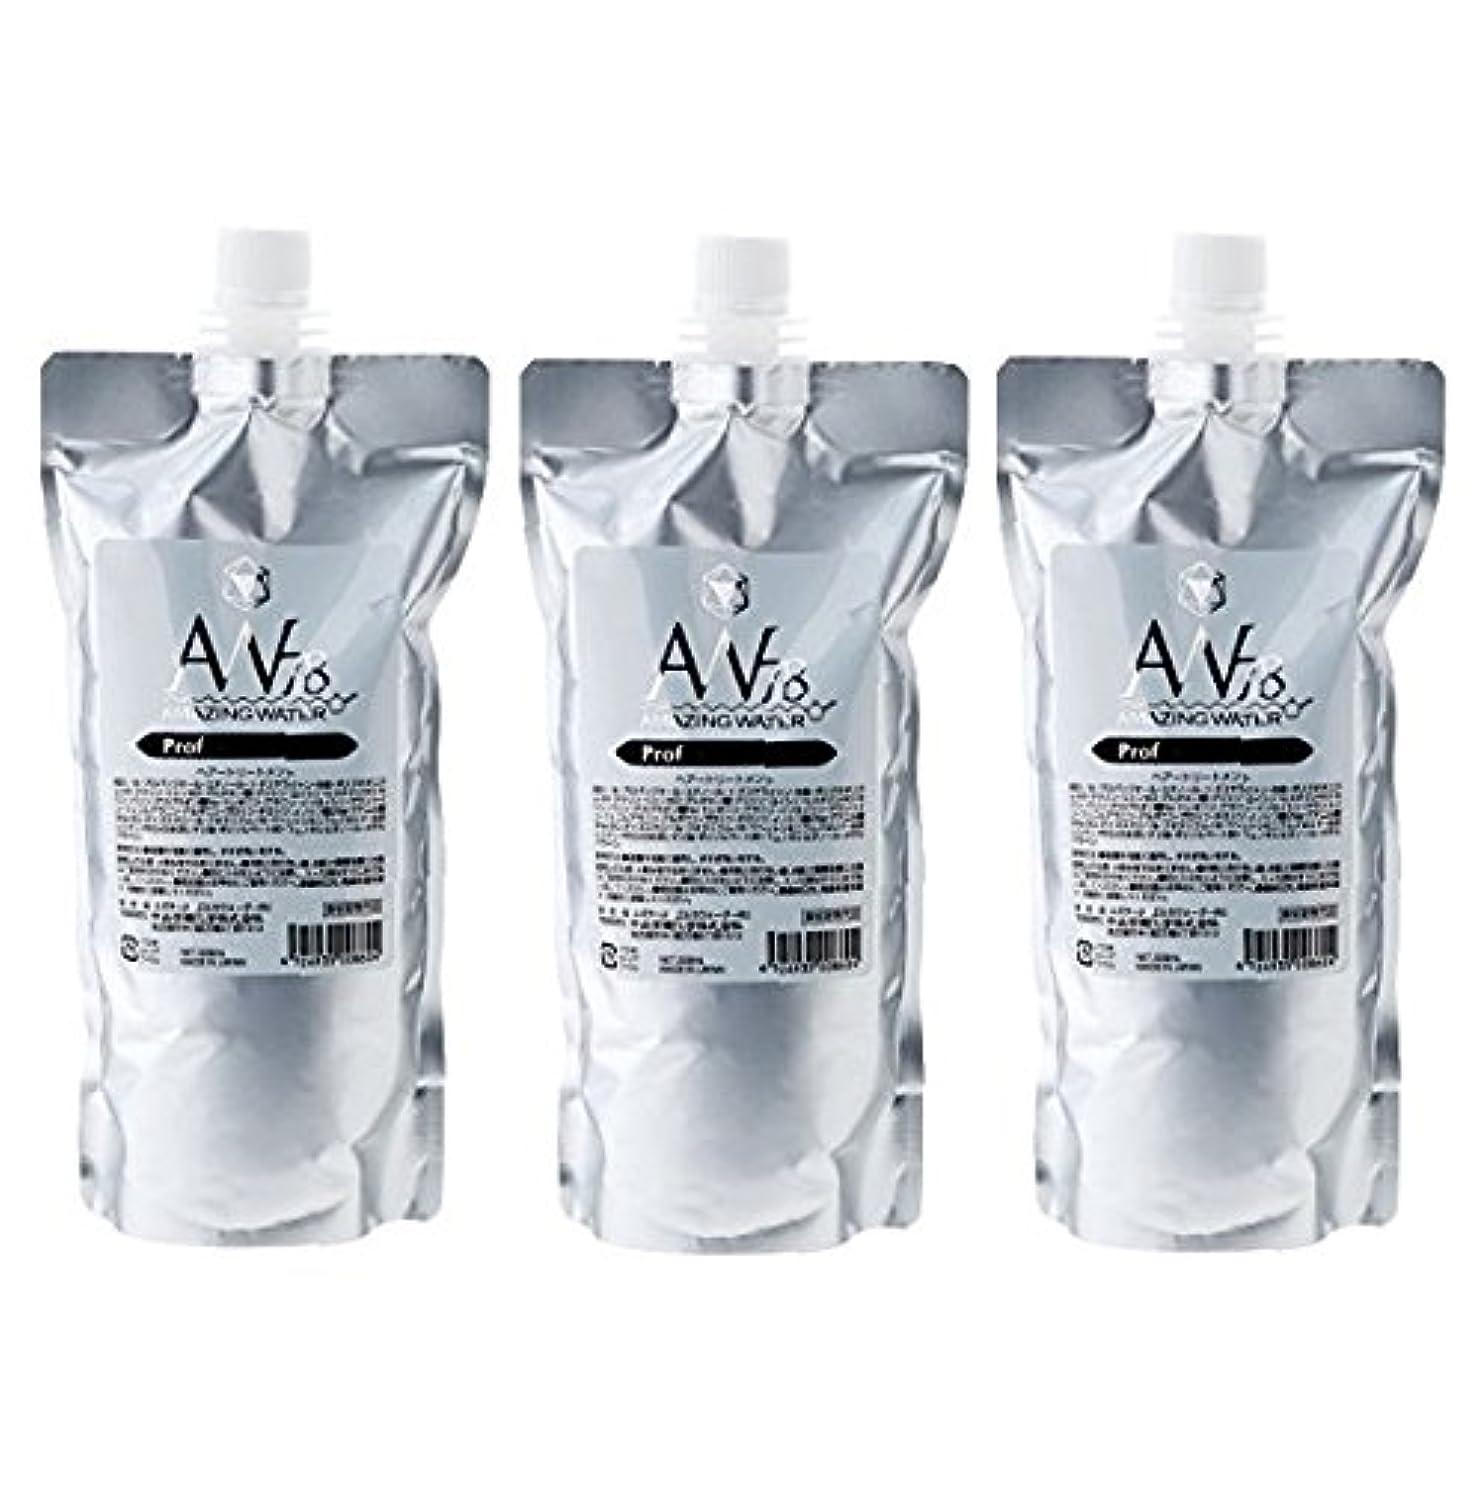 れんが偶然の無声で中央有機化学 AW78 アメイジングウォーター プロフェッショナル 500ml レフィル 3個セット